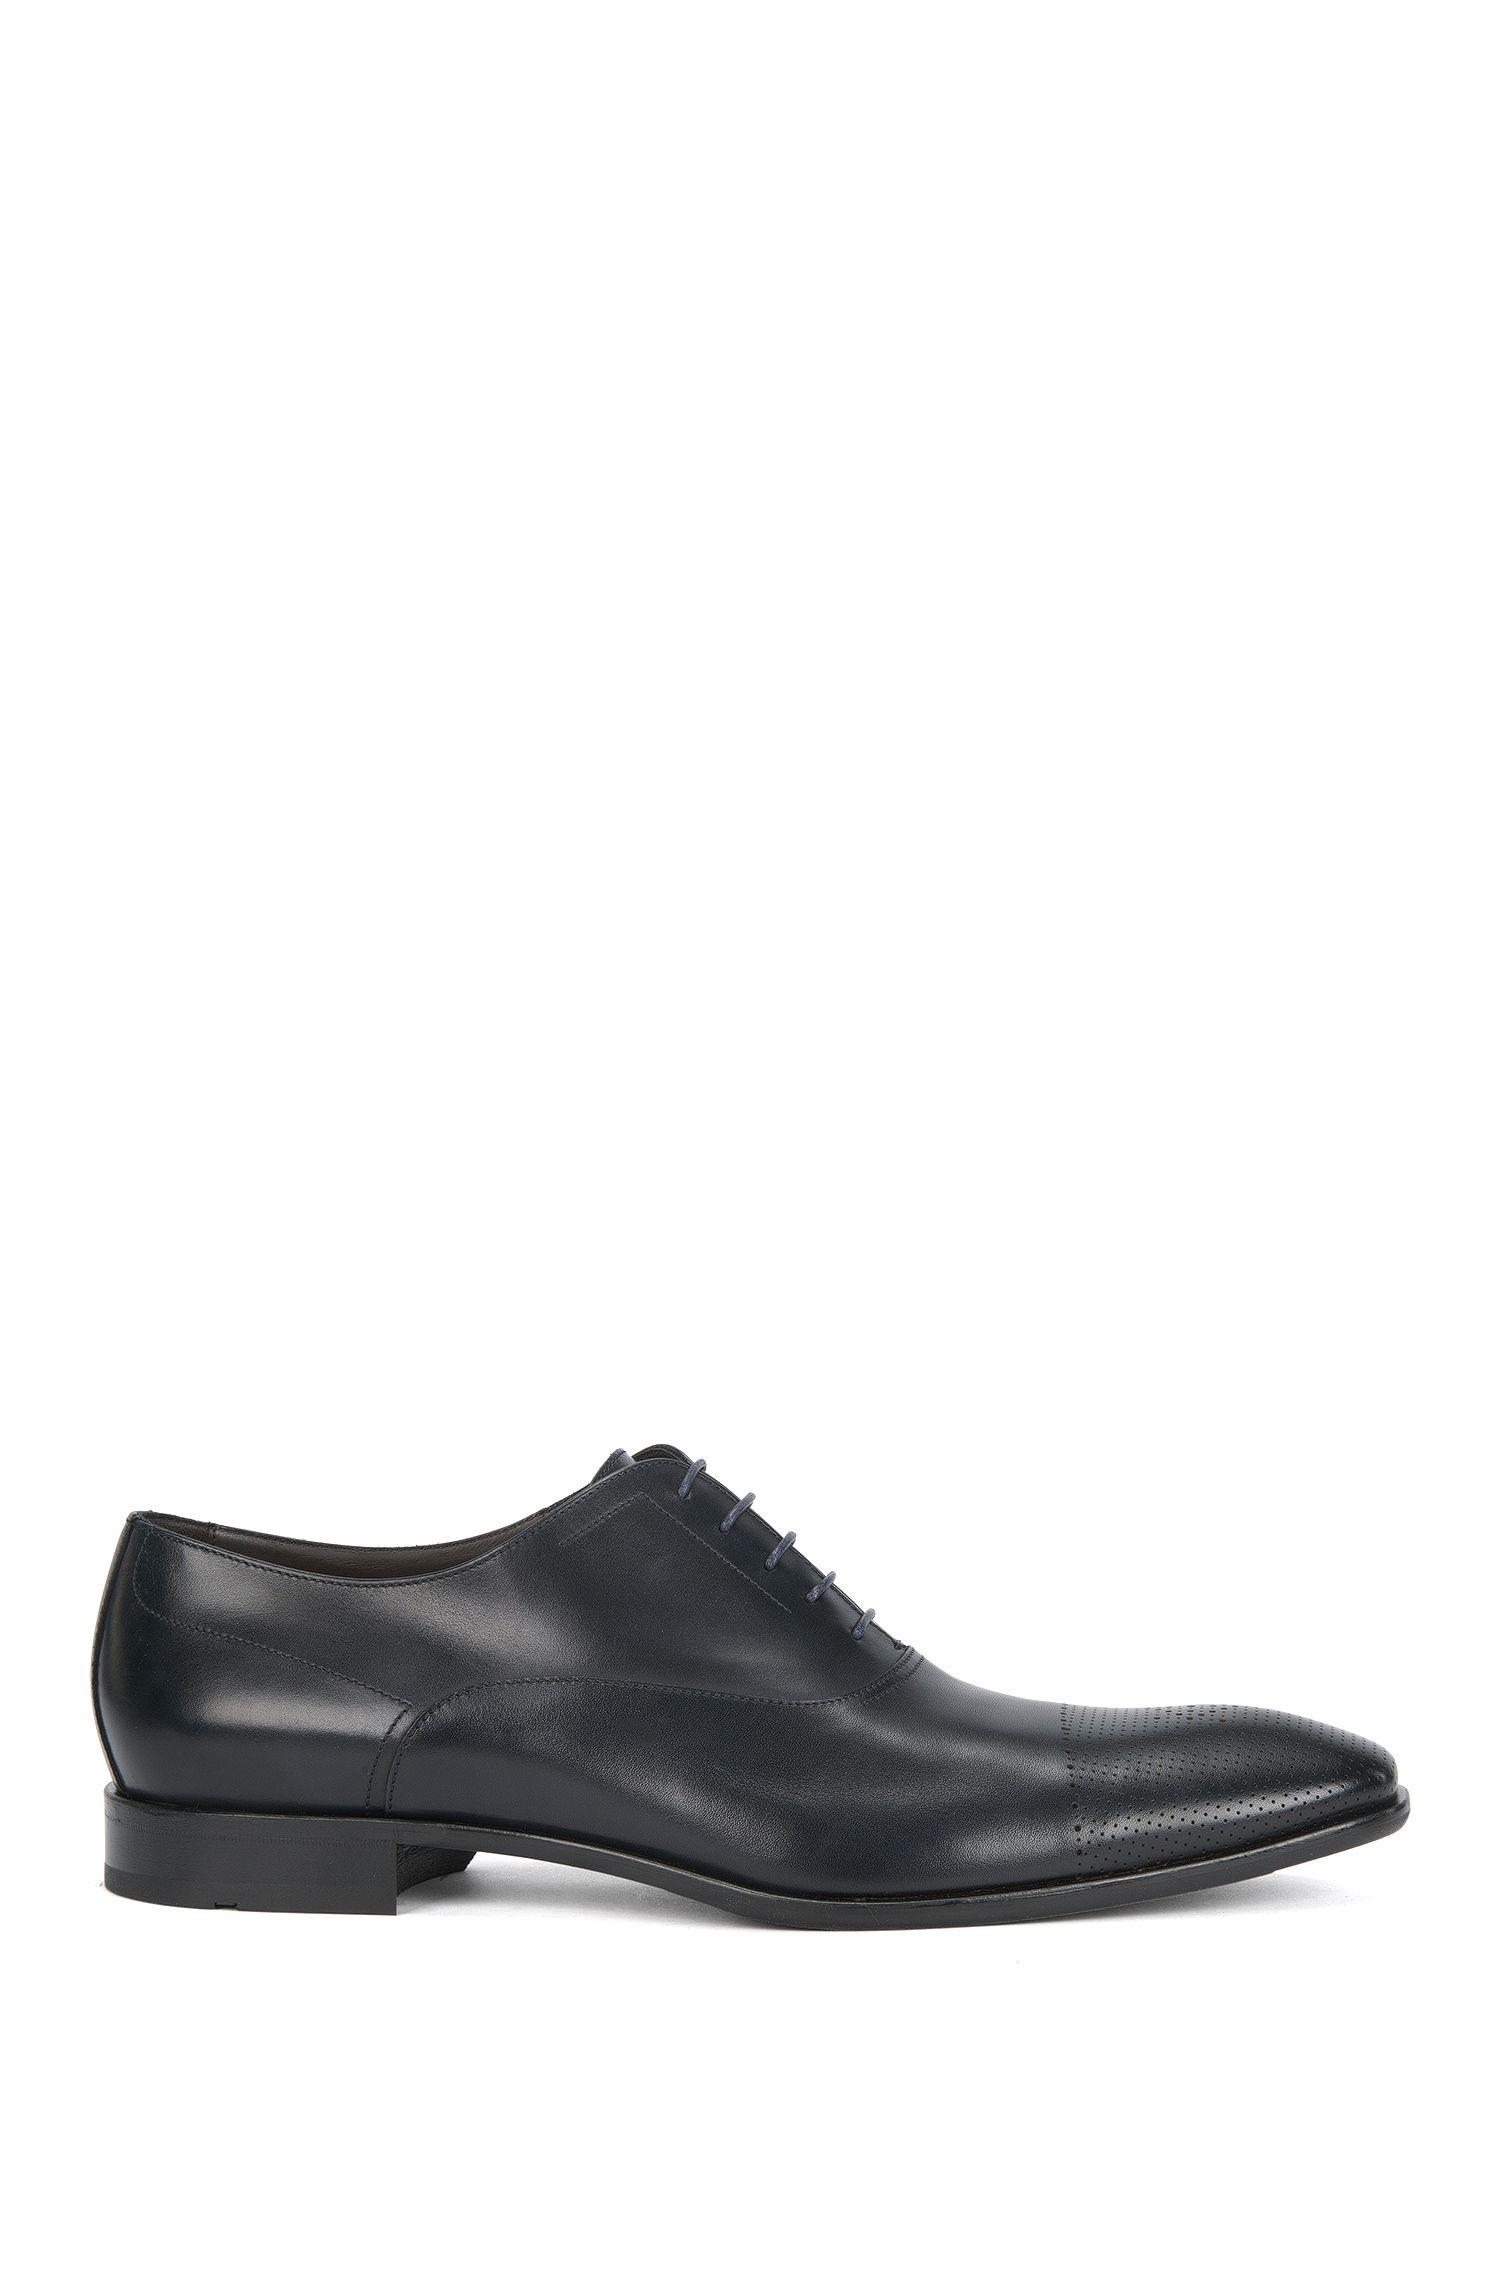 Italian Calfskin Oxford Dress Shoe | Chelsea Oxfr Ctls